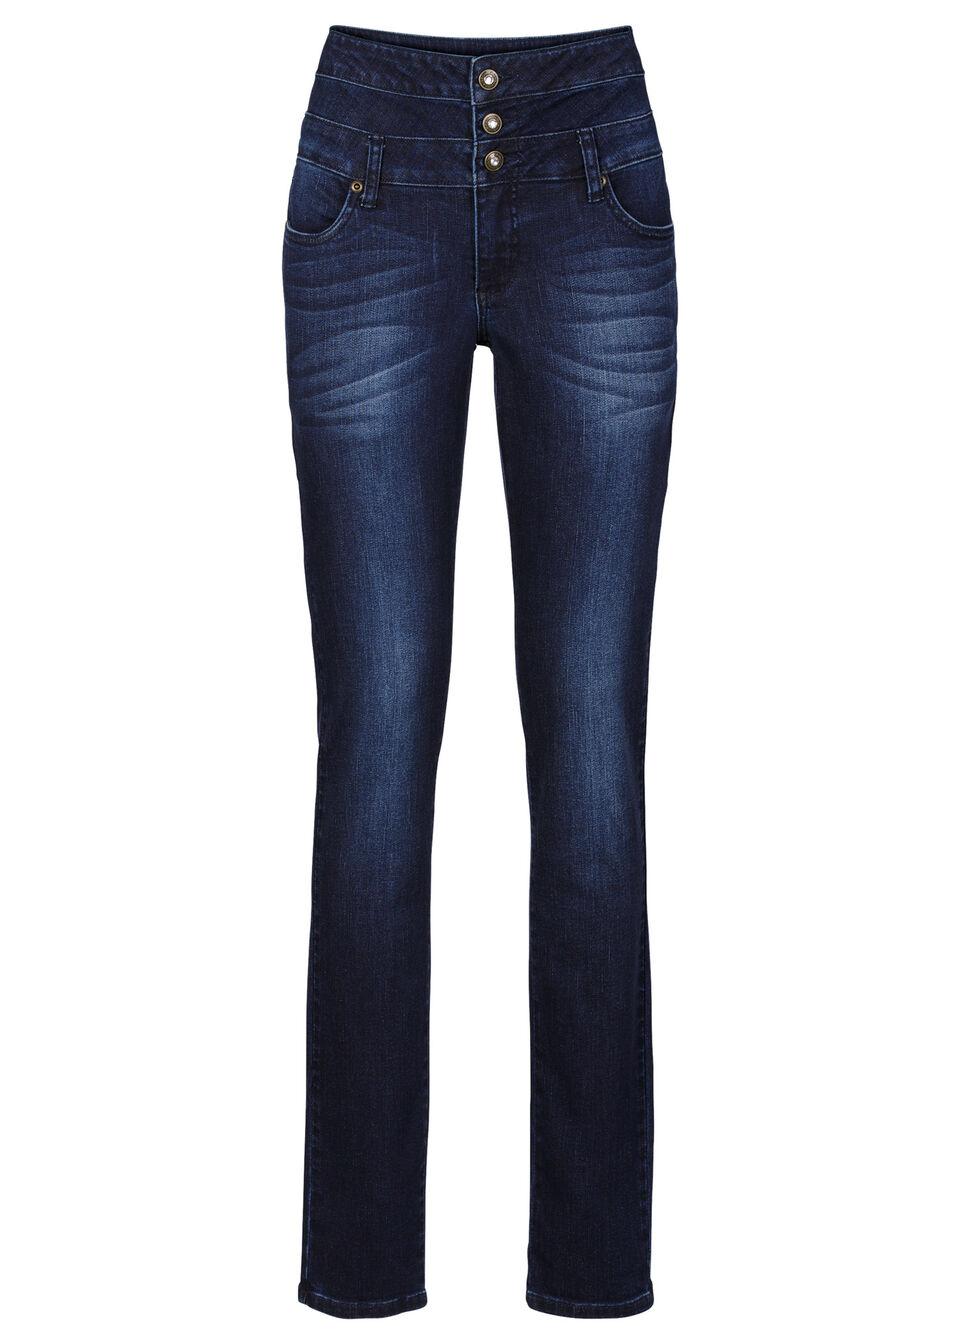 Jeanşi Skinny cu talie înaltă bonprix de la RAINBOW